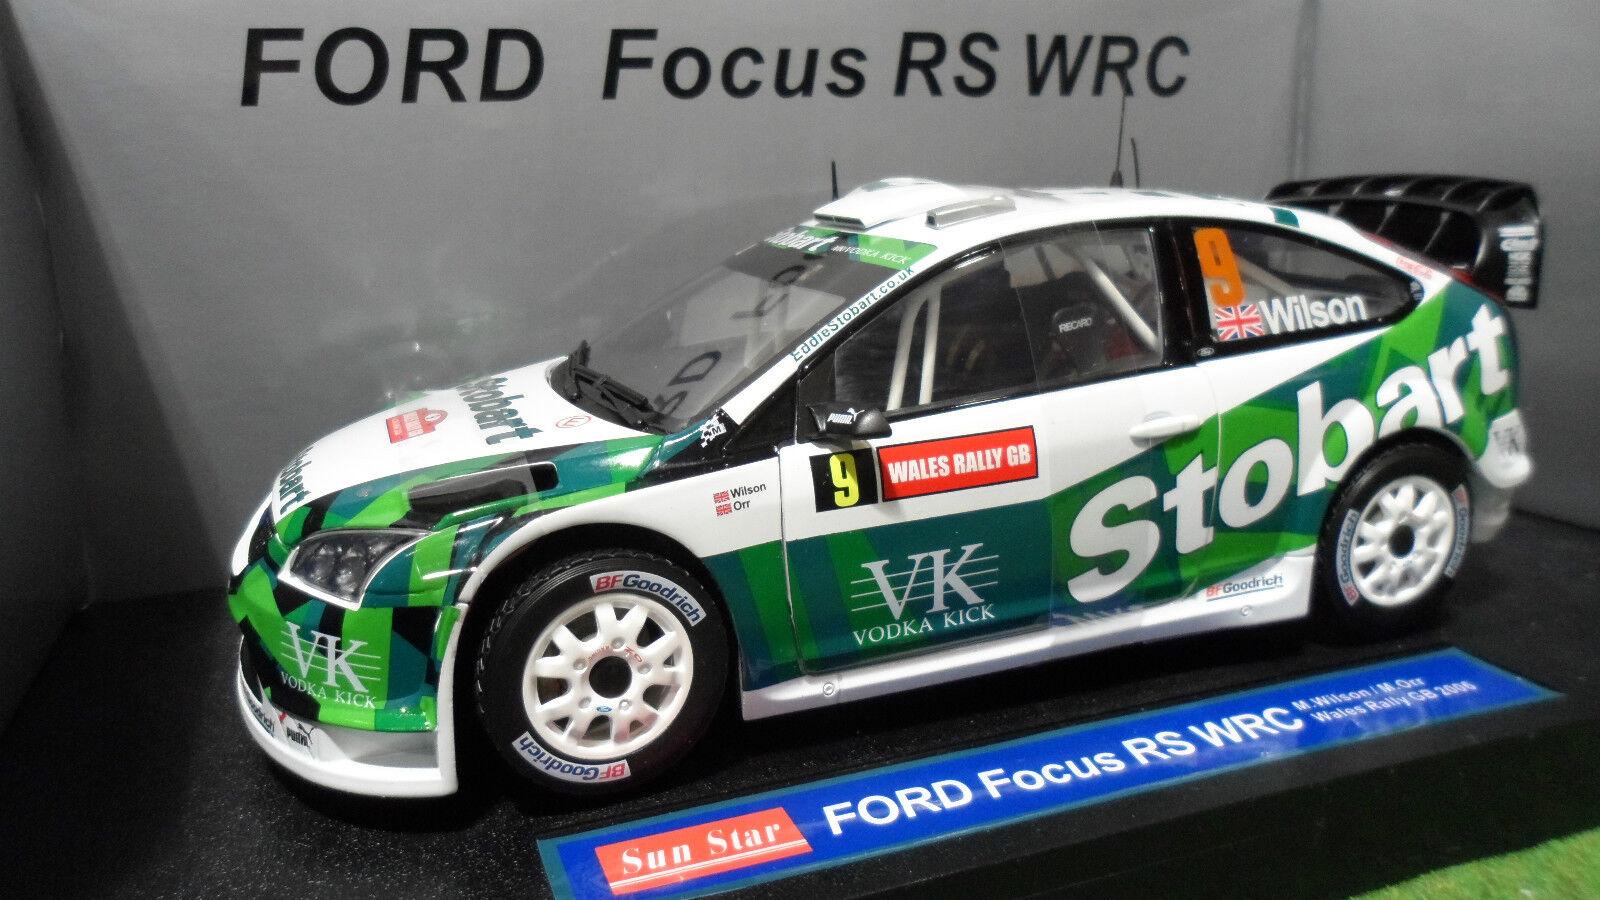 descuento de ventas FORD FOCUS WRC Rally WALES Rallye 2006 WILSON WILSON WILSON 1 18 SUNEstrella 3916 voiture miniatur  ahorrar en el despacho